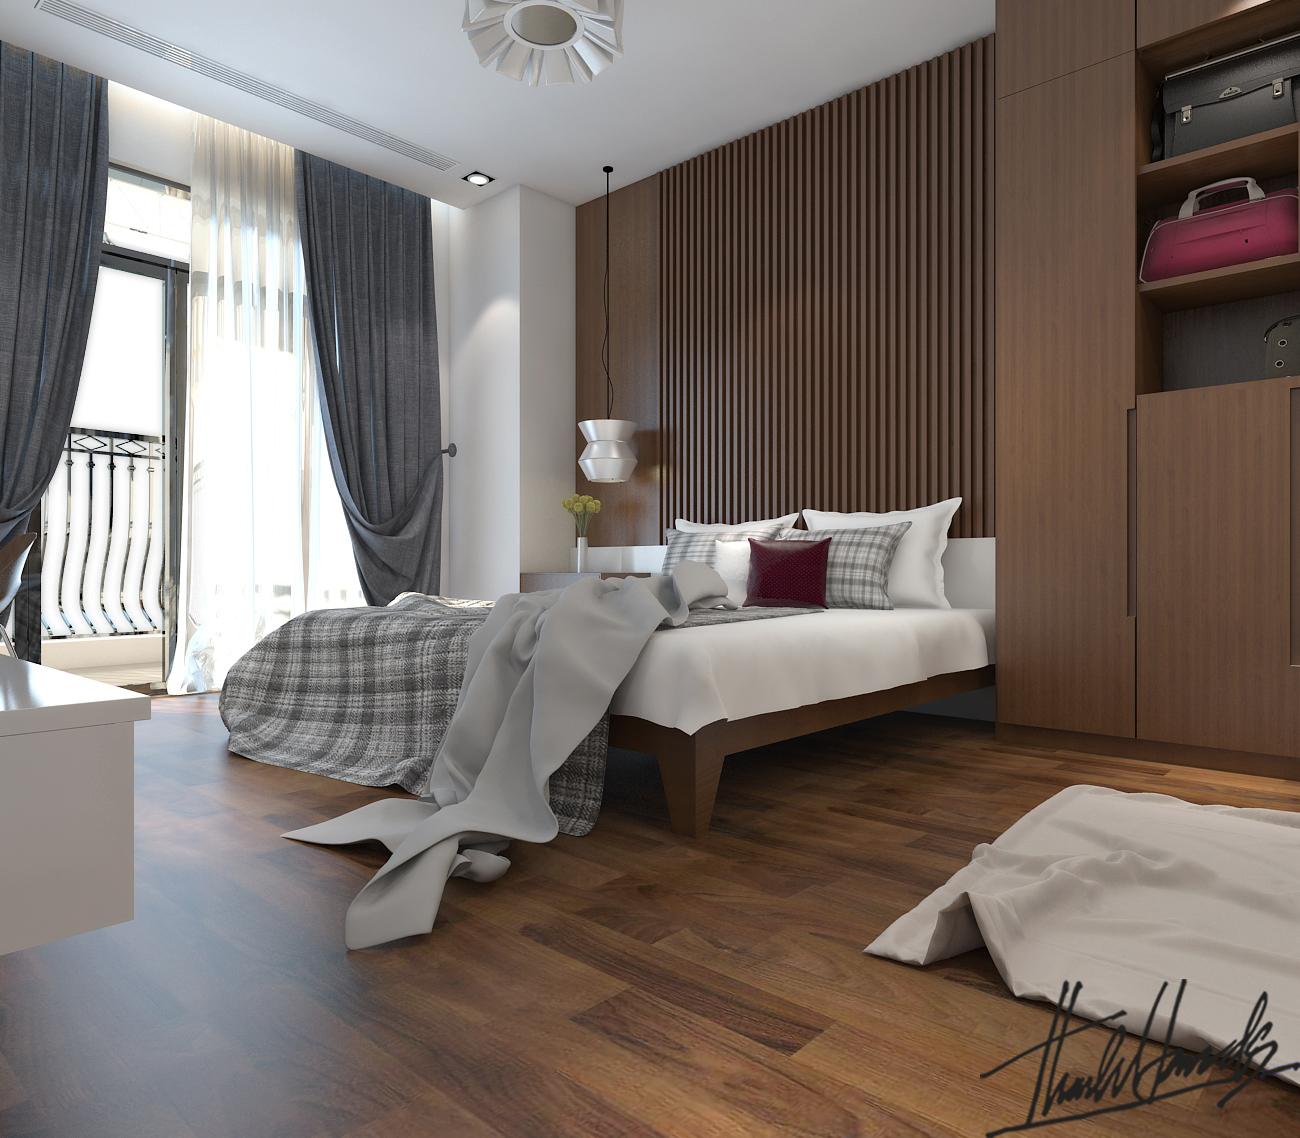 thiết kế nội thất chung cư tại Hà Nội chung cư roya city 13 1568274326